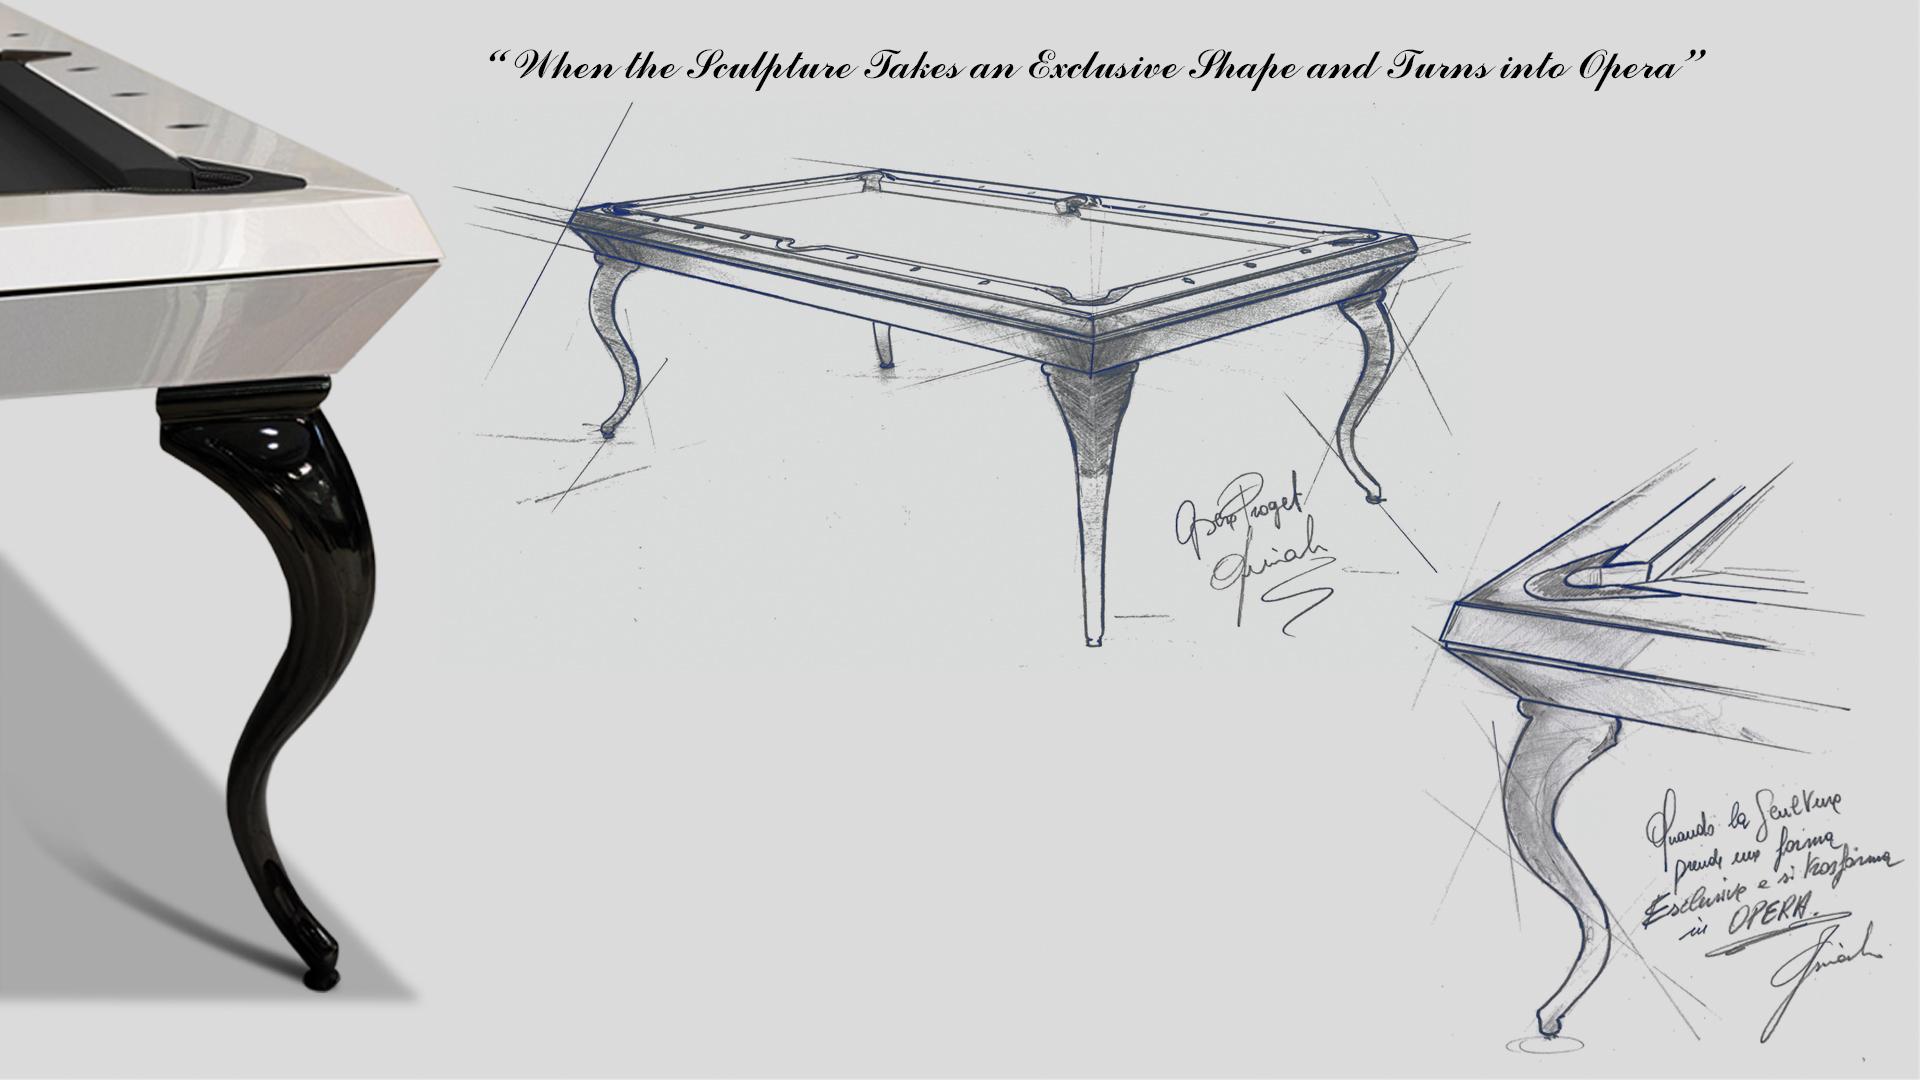 Opera billiard table White Pearled - Showroom Shop 1